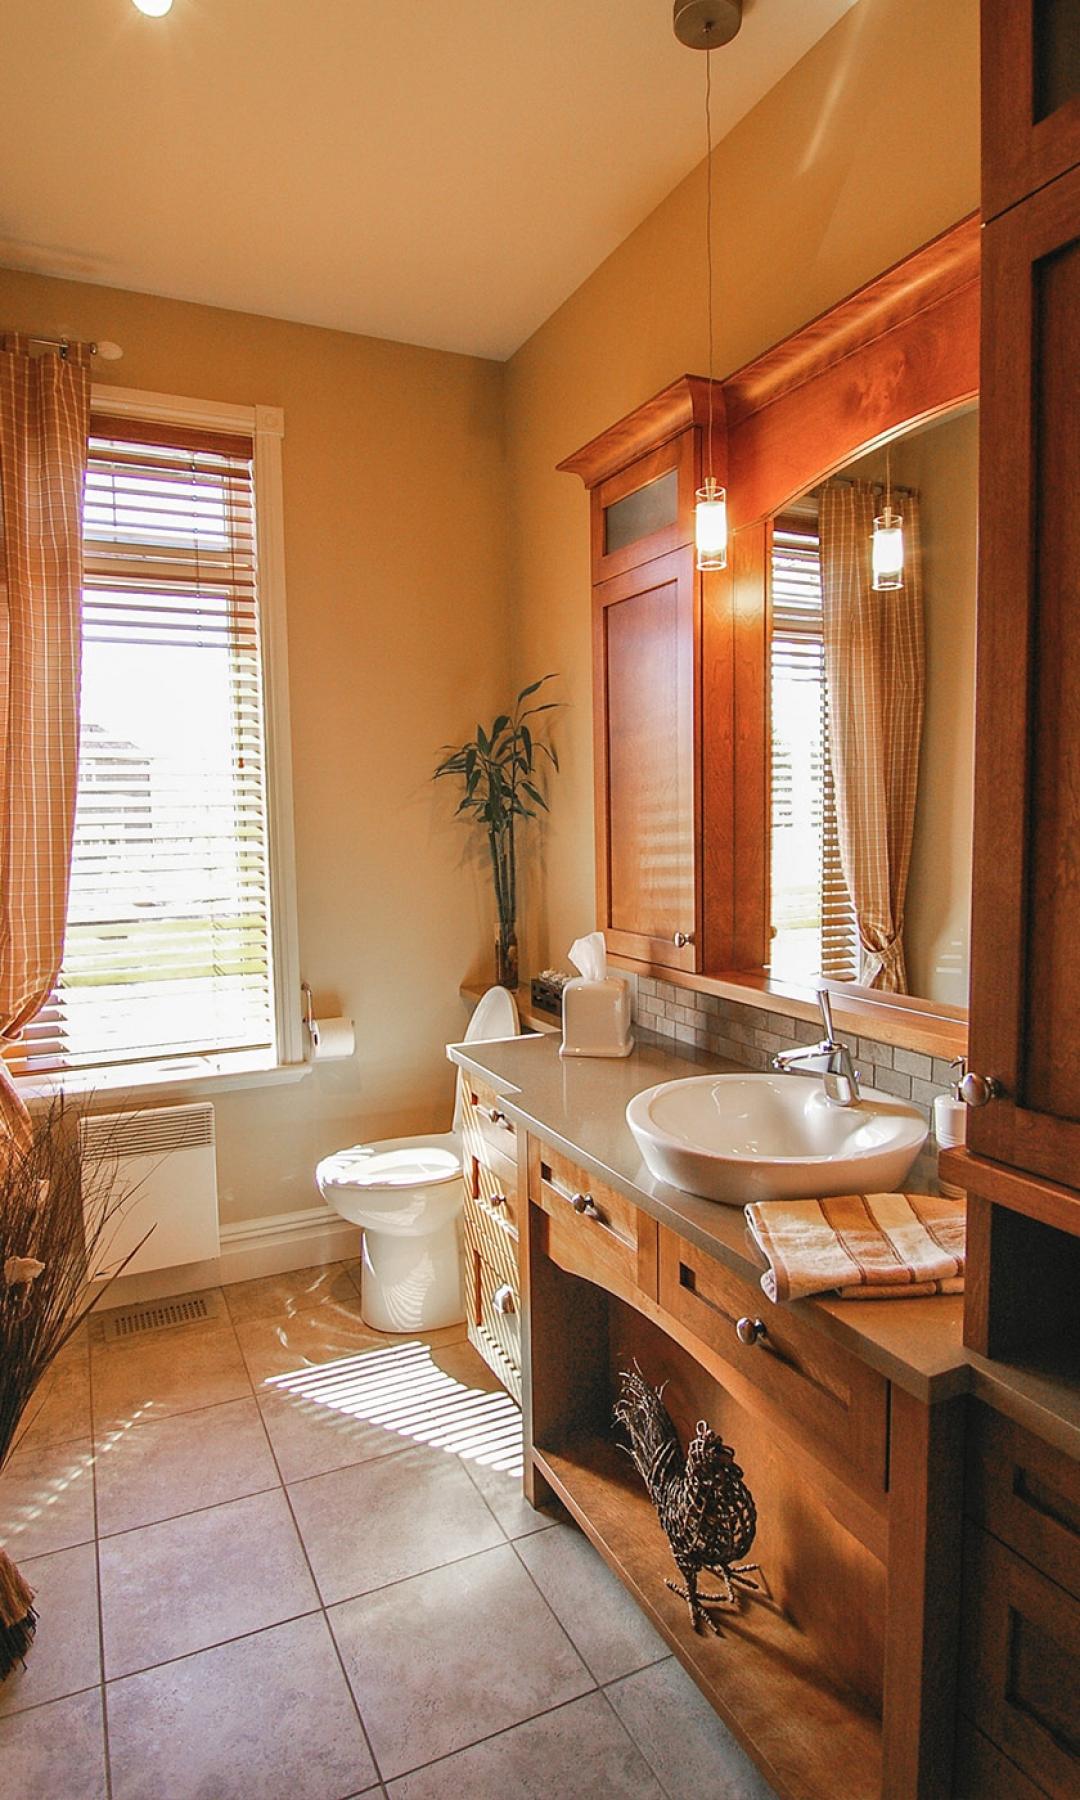 Projets d 39 architecture et design int rieur qu bec for Salle de bain design lyon